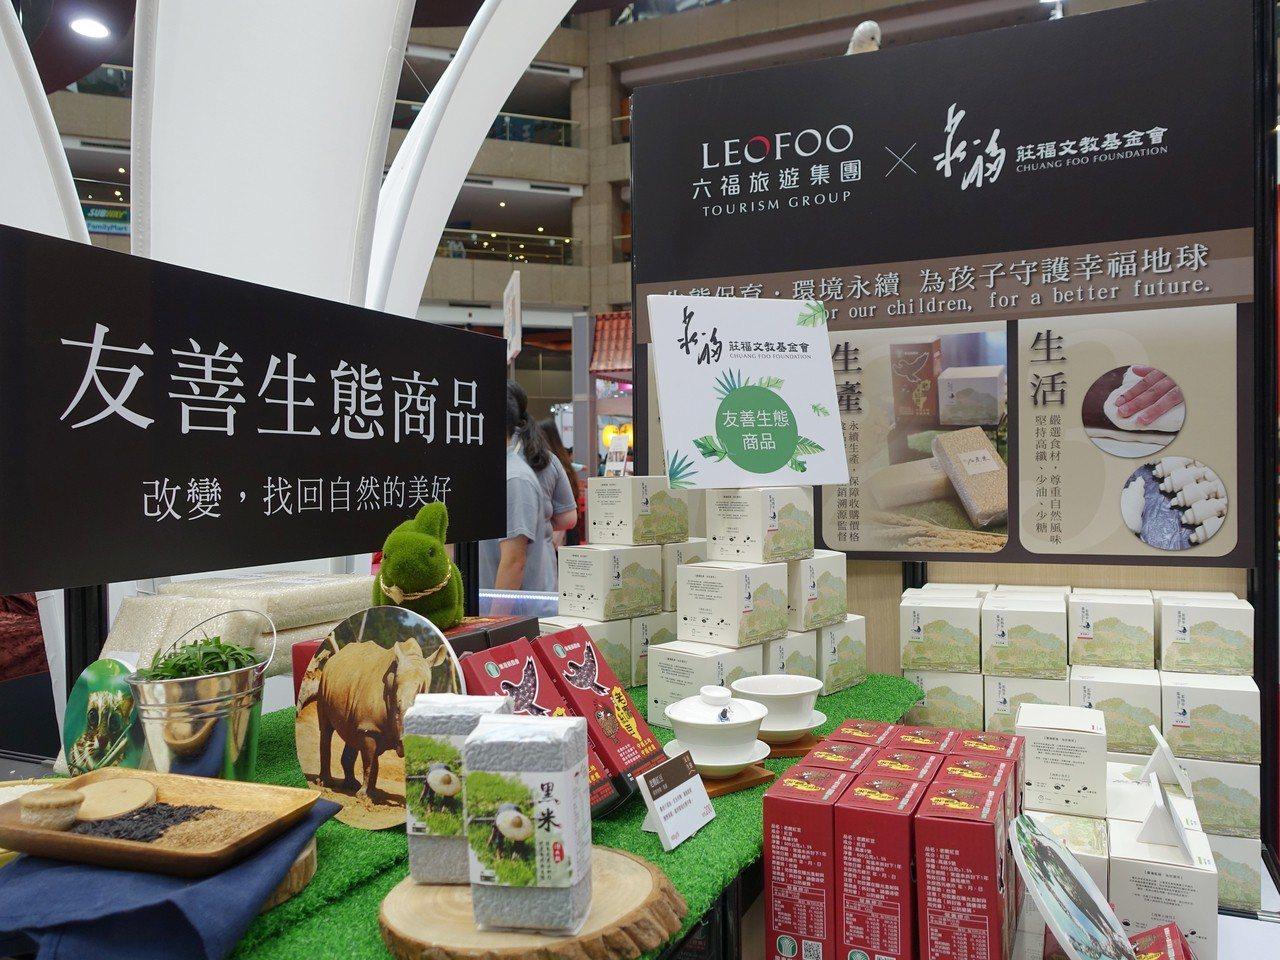 六福集團在美食展中規劃友善生態產品區。記者張芳瑜/攝影